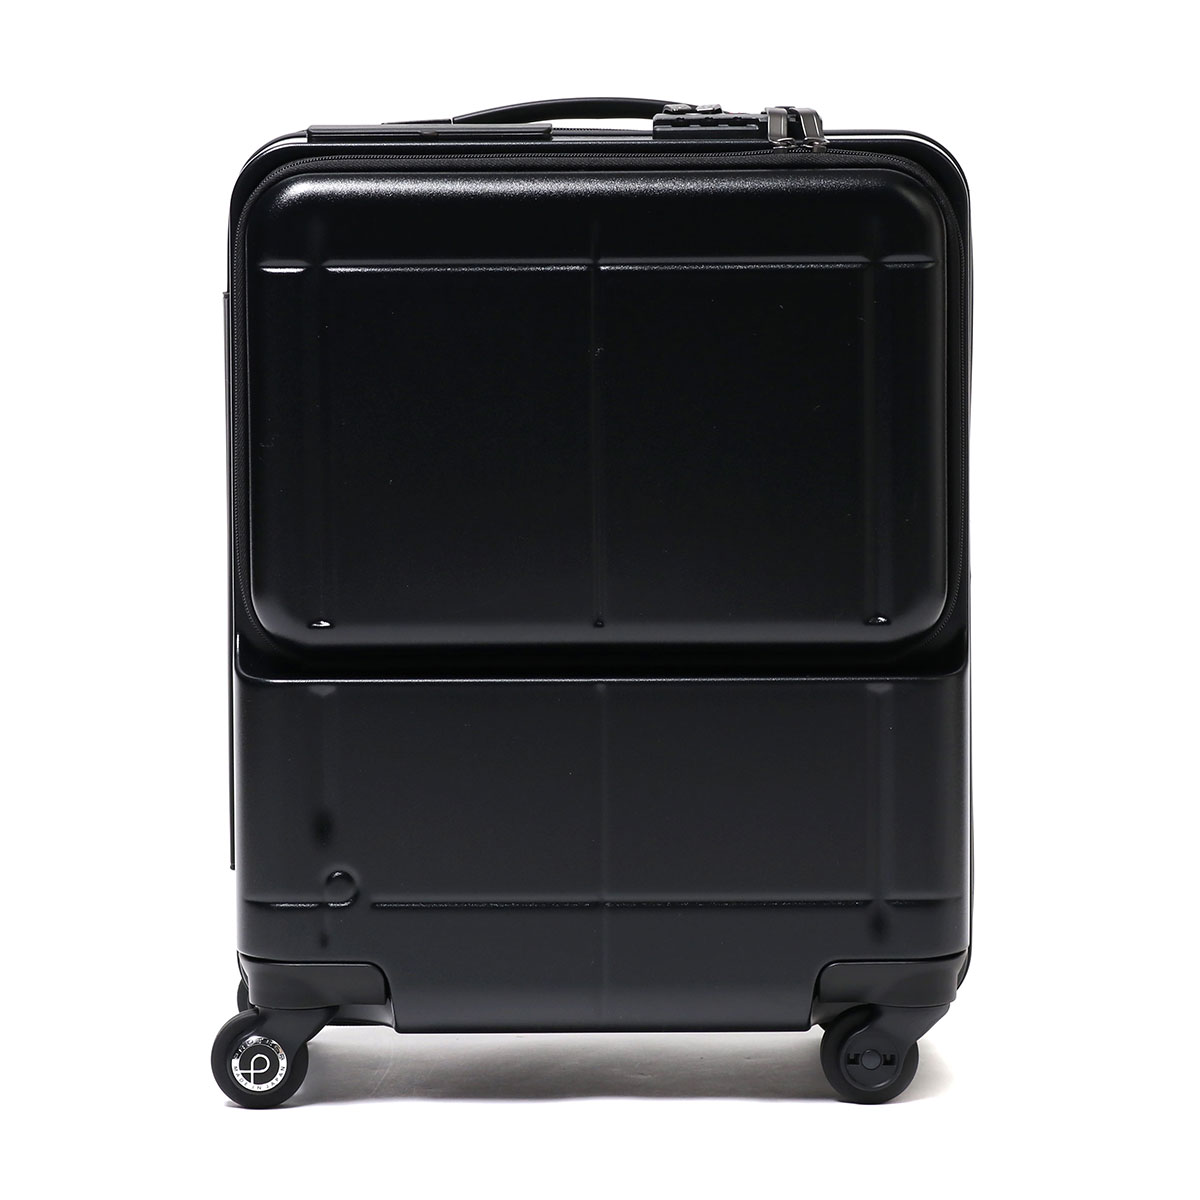 「3年保証」プロテカ スーツケース PROTeCA プロテカ 機内持ち込み 39L マックスパス MAXPASS SMART マックスパススマート 2〜3日 キャリーケース 小型 ハード 出張 旅行 充電 バッテリー スマートフォン連携 エース ACE 0